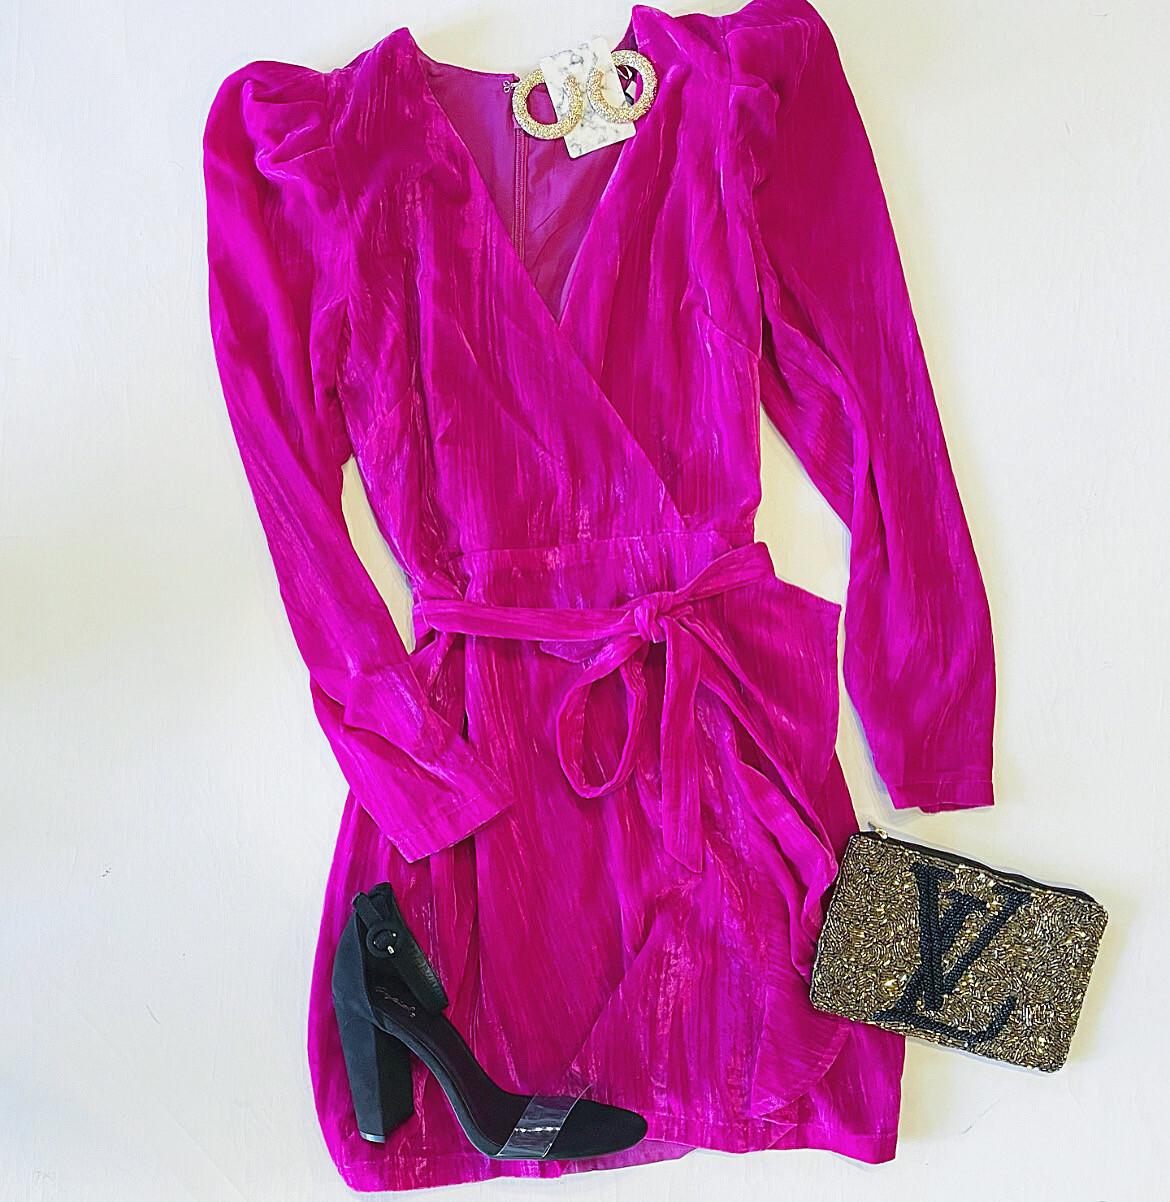 Velvet Dreams Event Dress